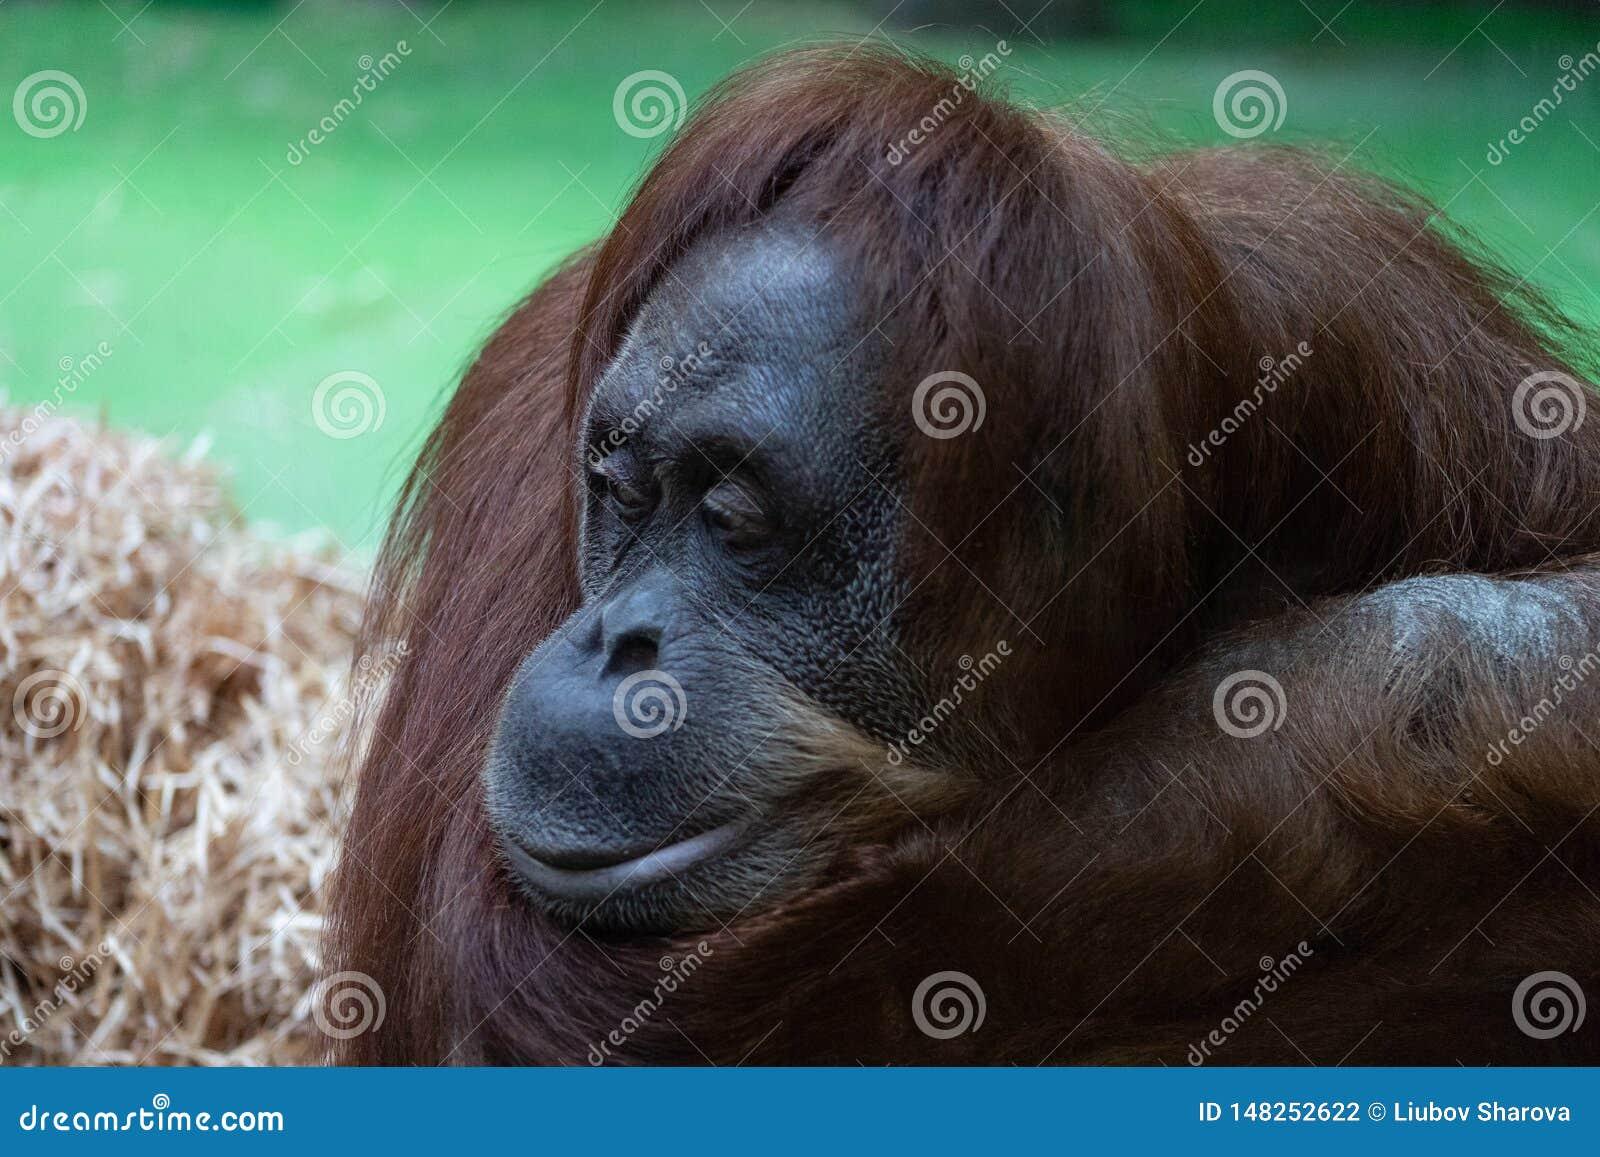 Retrato de um orangotango alaranjado pensativo com uma cara engraçada que olha preguiçosamente o que está acontecendo